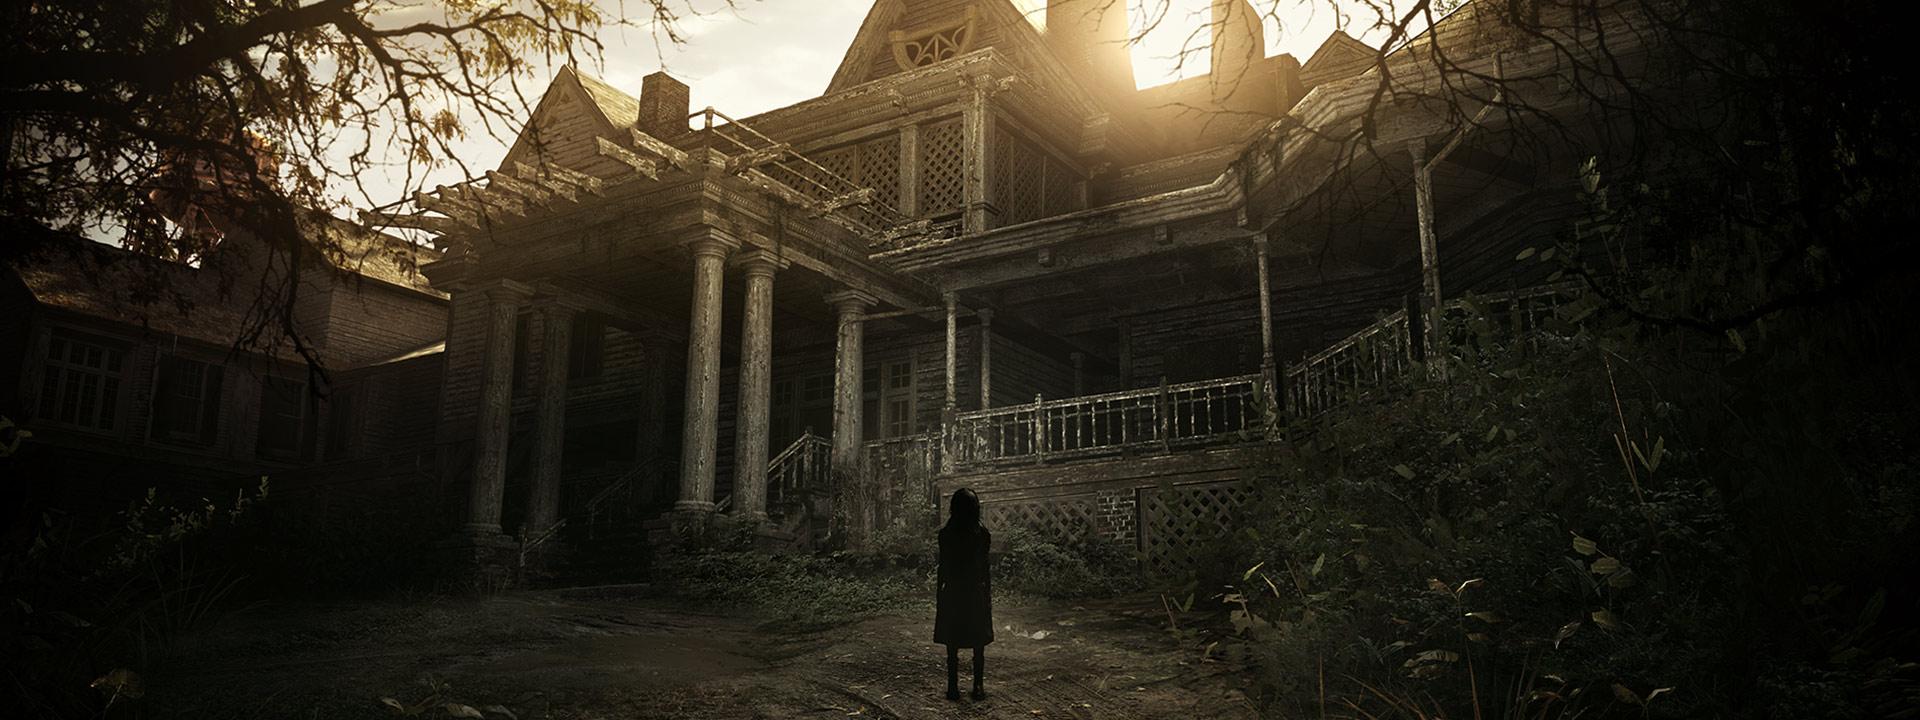 Resident Evil 7 on Windows 10